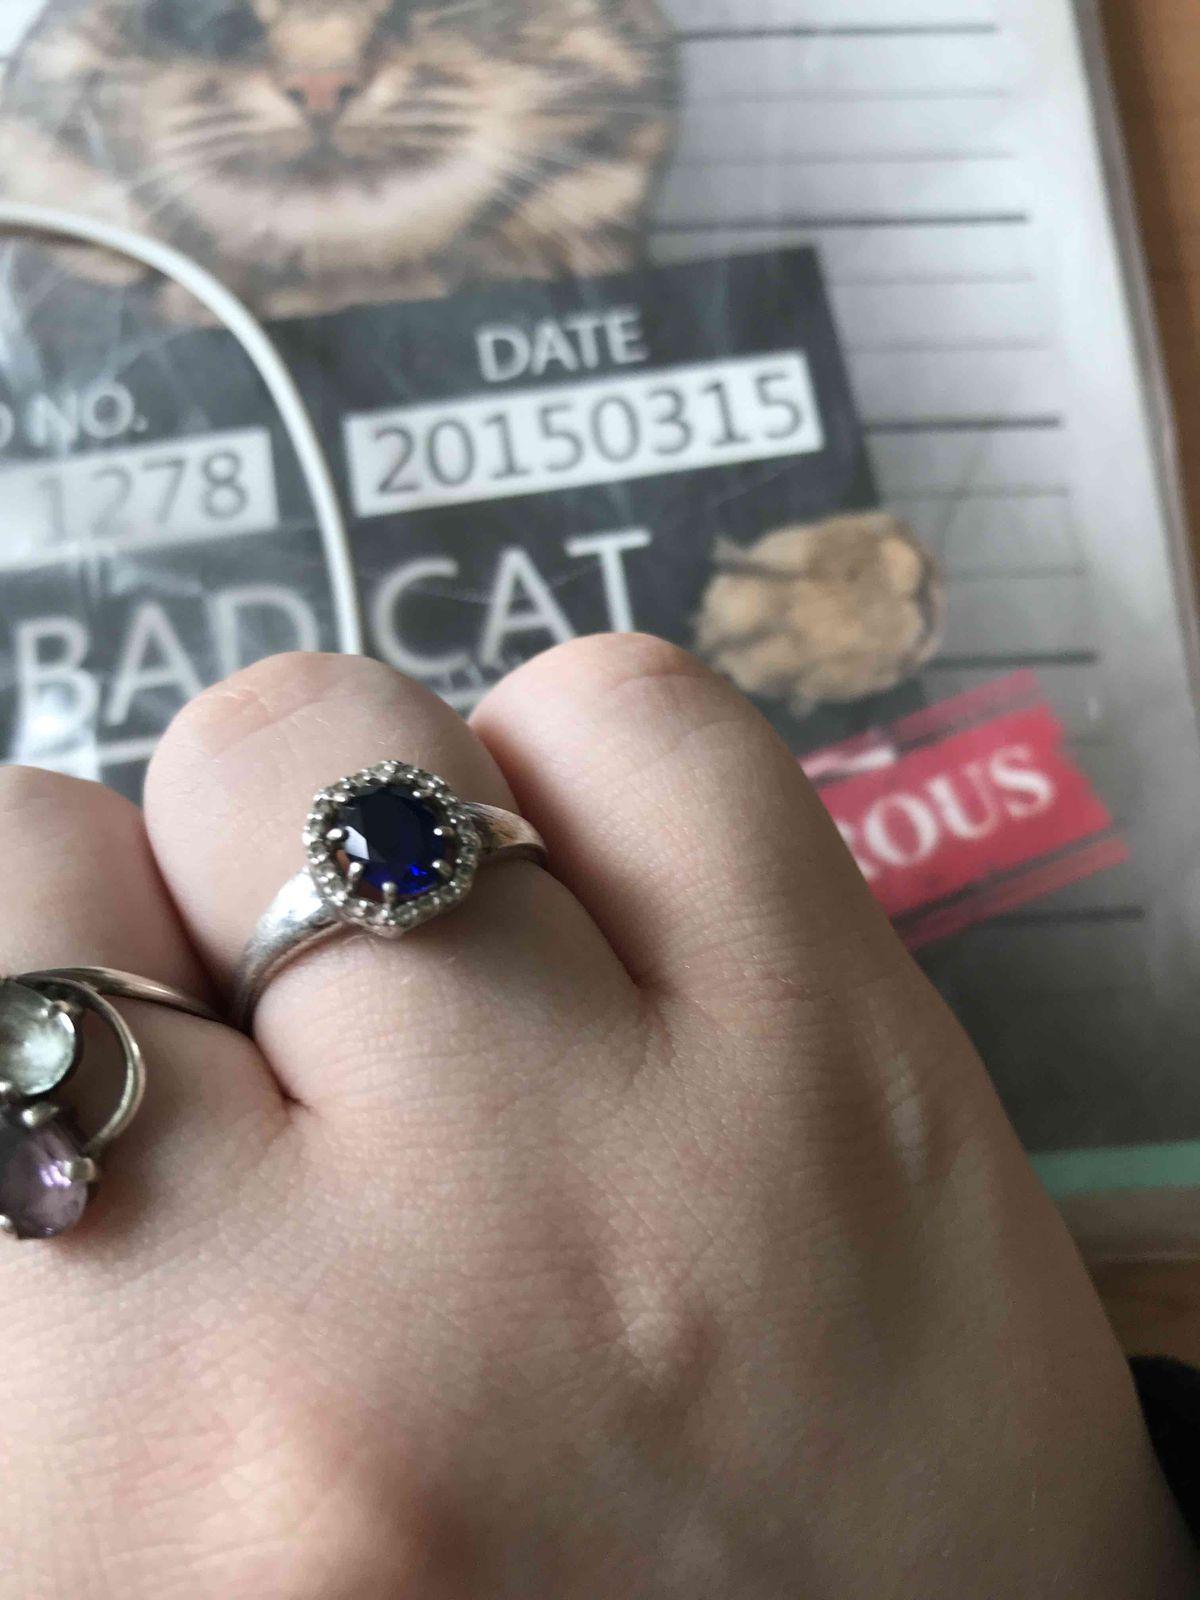 Отзыв на серебрянное кольцо с фианитами .Очень красивое и аккуратное